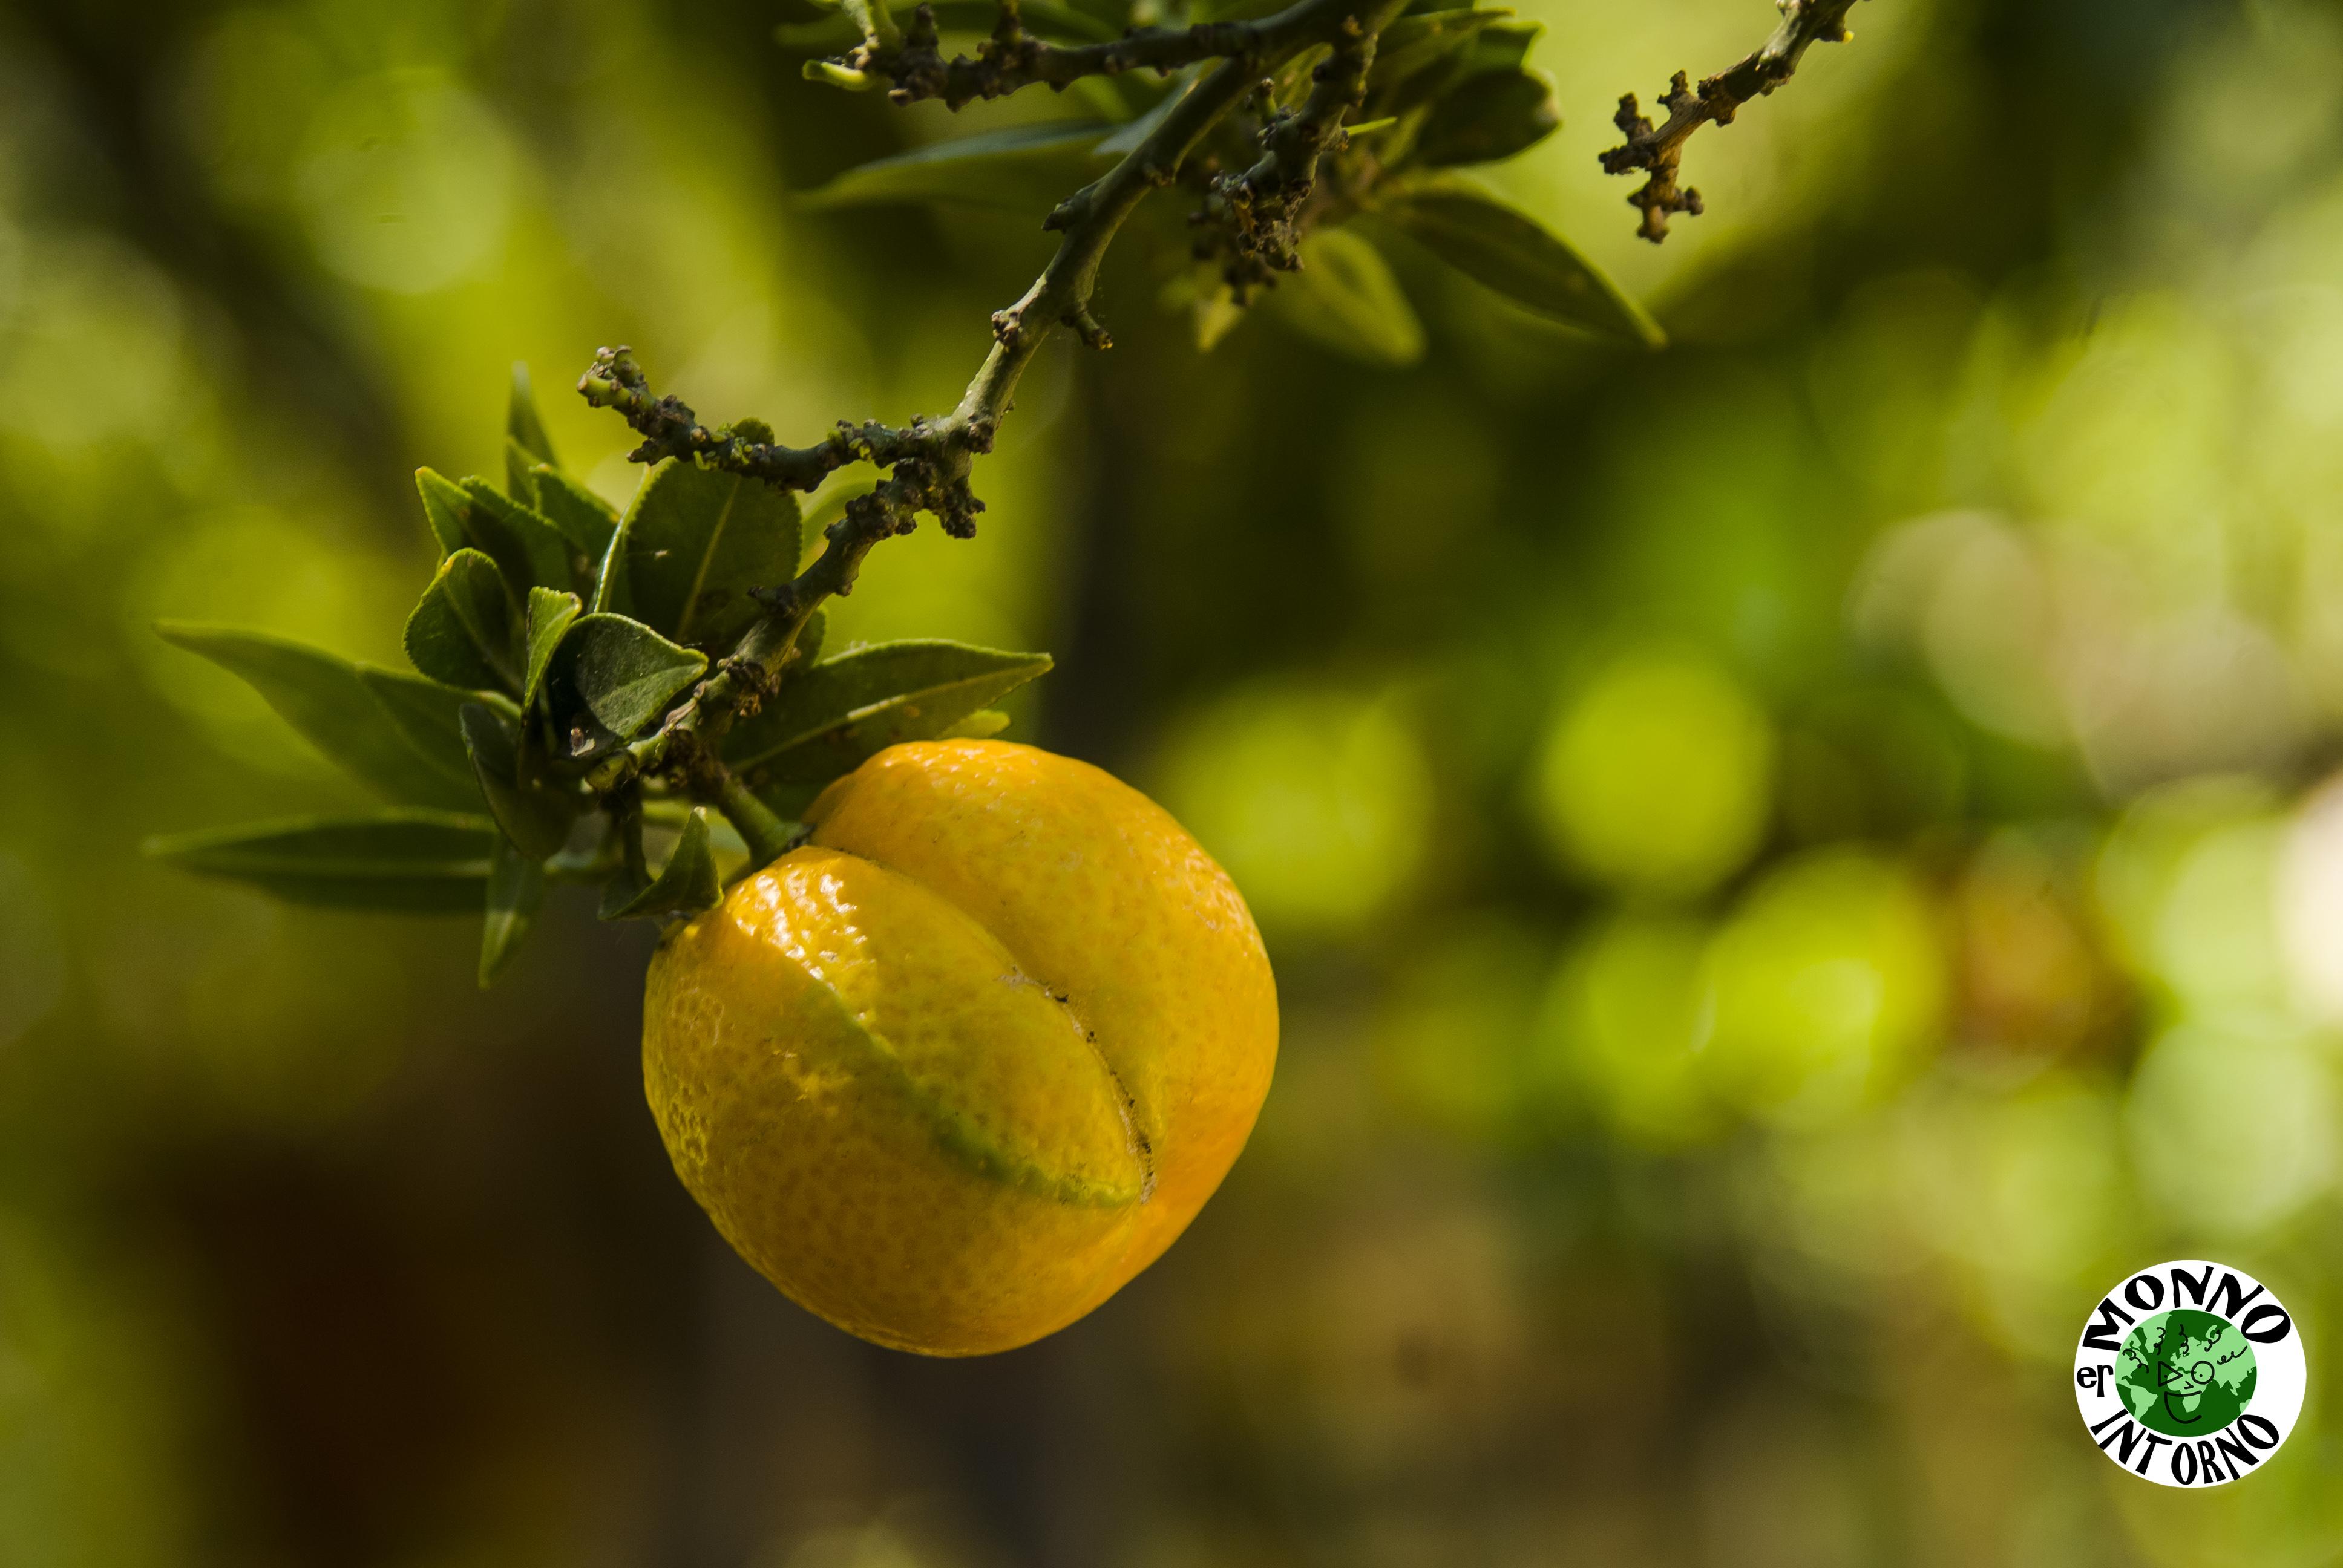 il-frutto-del-Citrus-myrtifolia-il-chinotto-e-i-suoi-fratelli-Er-Monno-intorno